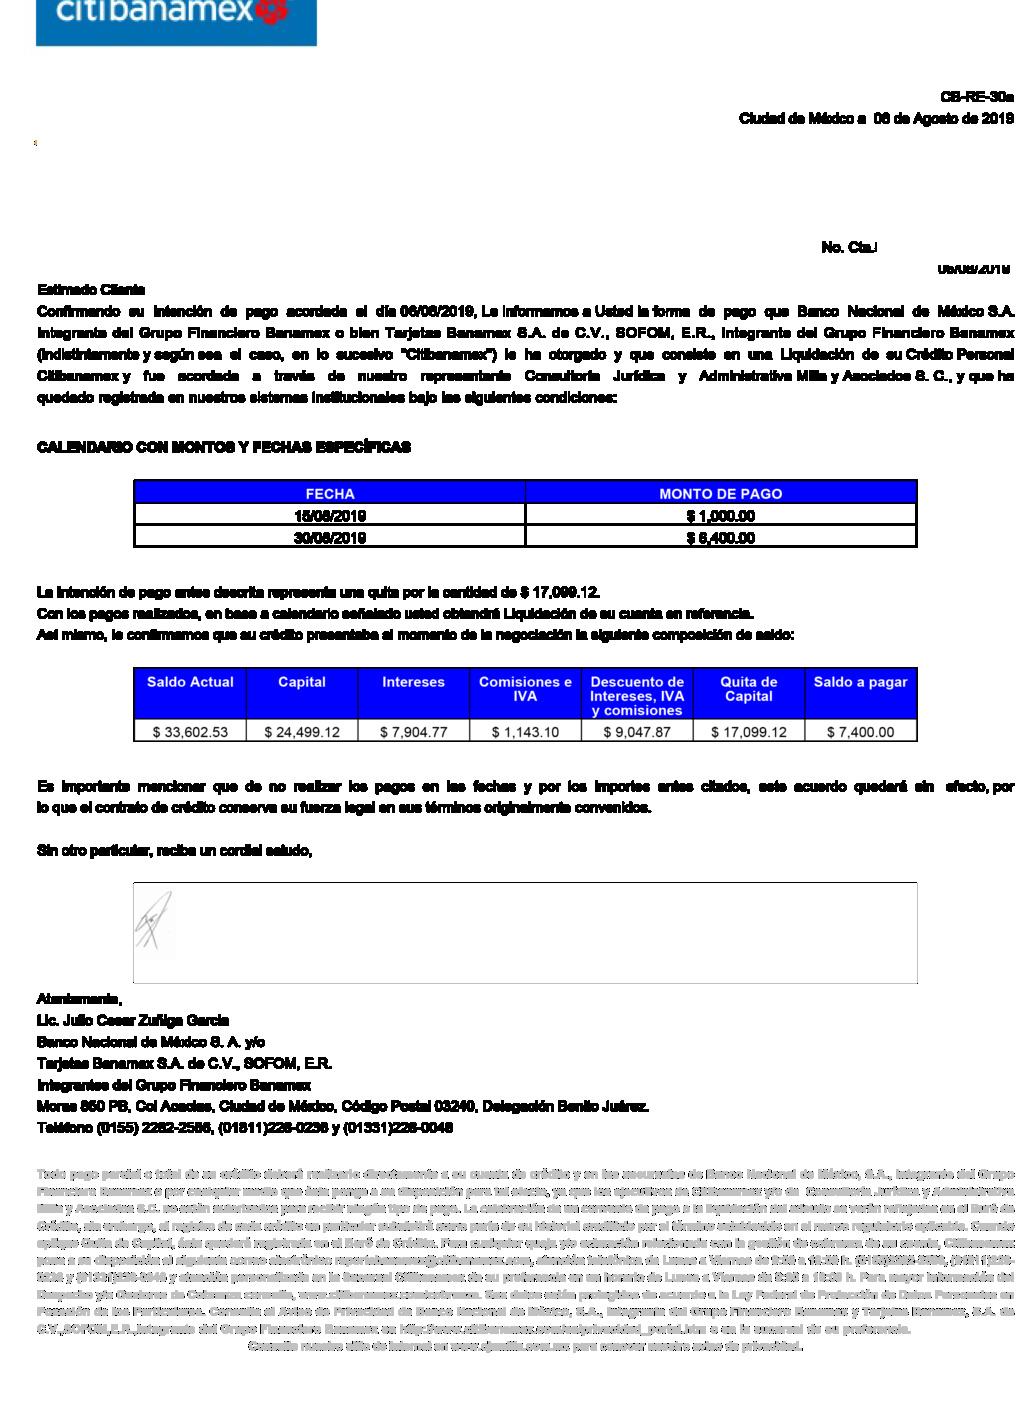 Carta convenio banamex Cartan10